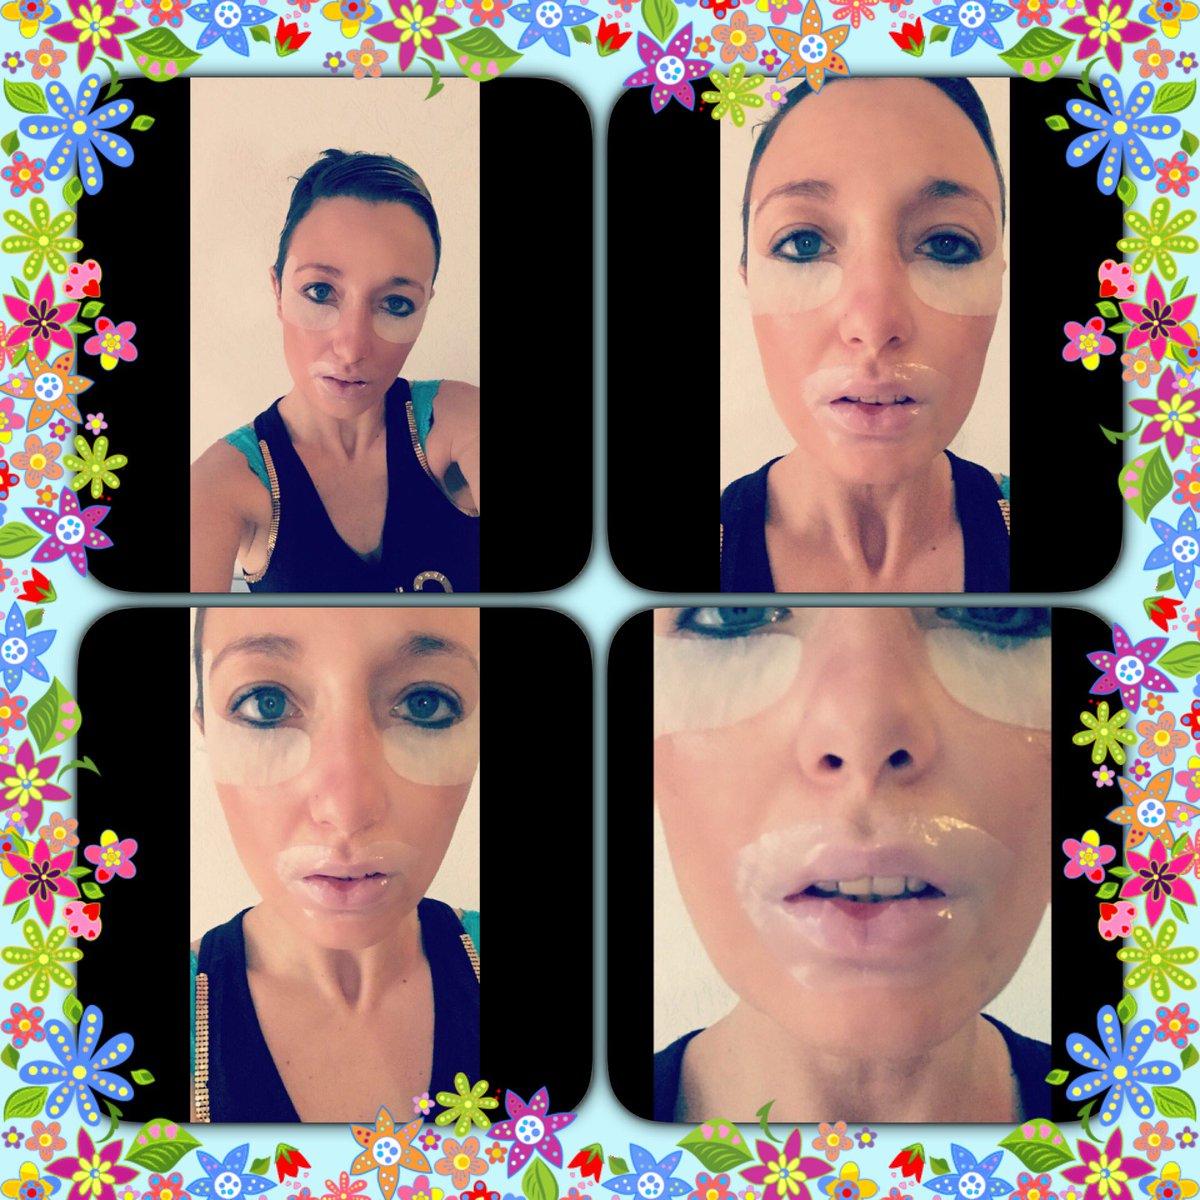 Masque lèvres rose et yeux orchidée!  #soins #masque #sephorafrance #sephora #levres #yeux #paris #selfie #moi @sephorafrance @sephora<br>http://pic.twitter.com/PYMP3Mlgn2